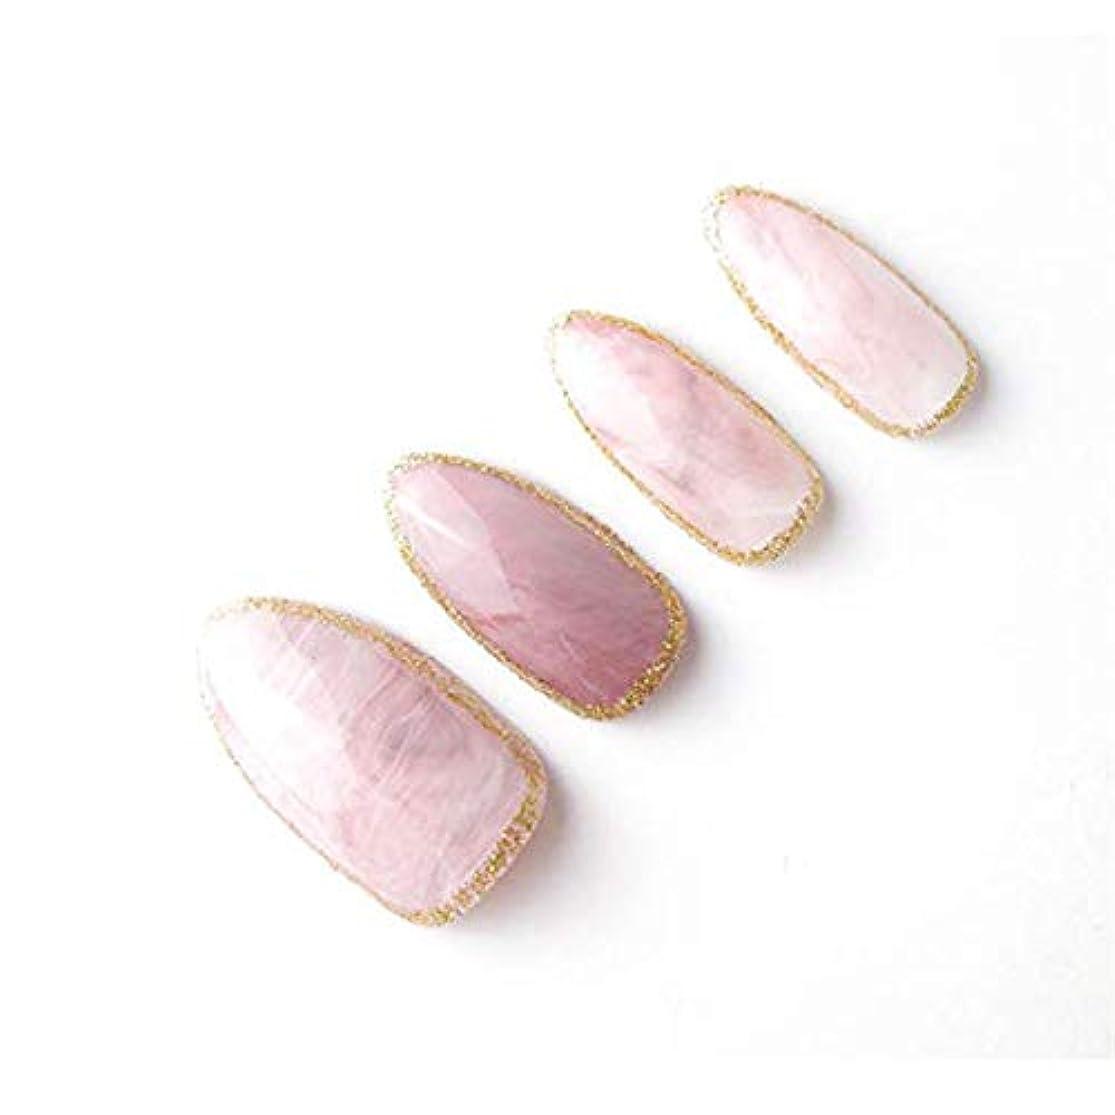 暗唱する嘆く支配的YuNail ネイルチップ 24枚 ピンク 石の質感 楕円形状 短い アクリル